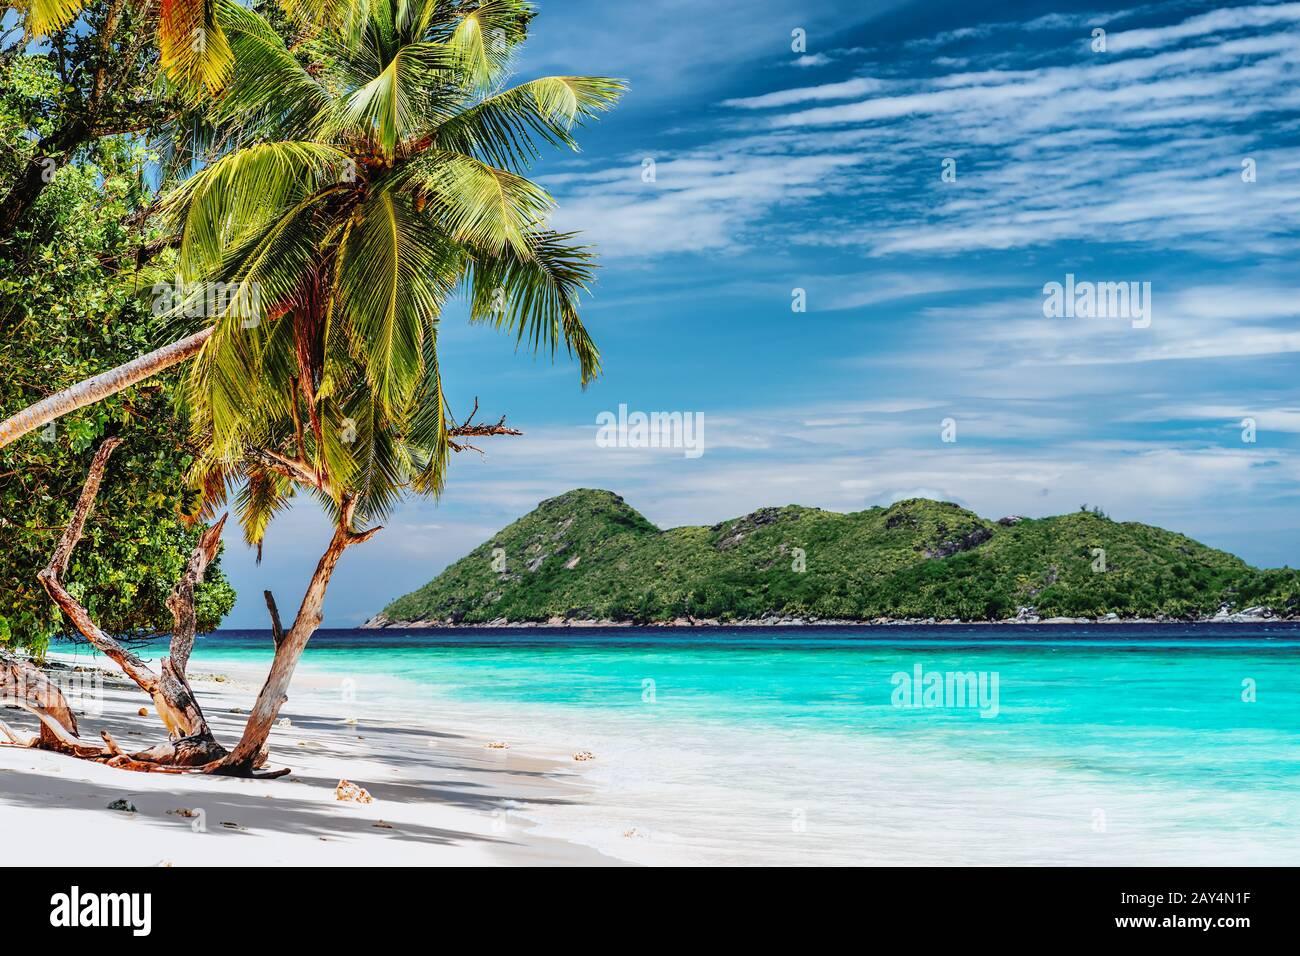 Ambiente de vacaciones de lujo en la isla tropical. Playa paradisíaca con arena blanca y palmeras. Concepto de escapada turística de larga distancia Foto de stock